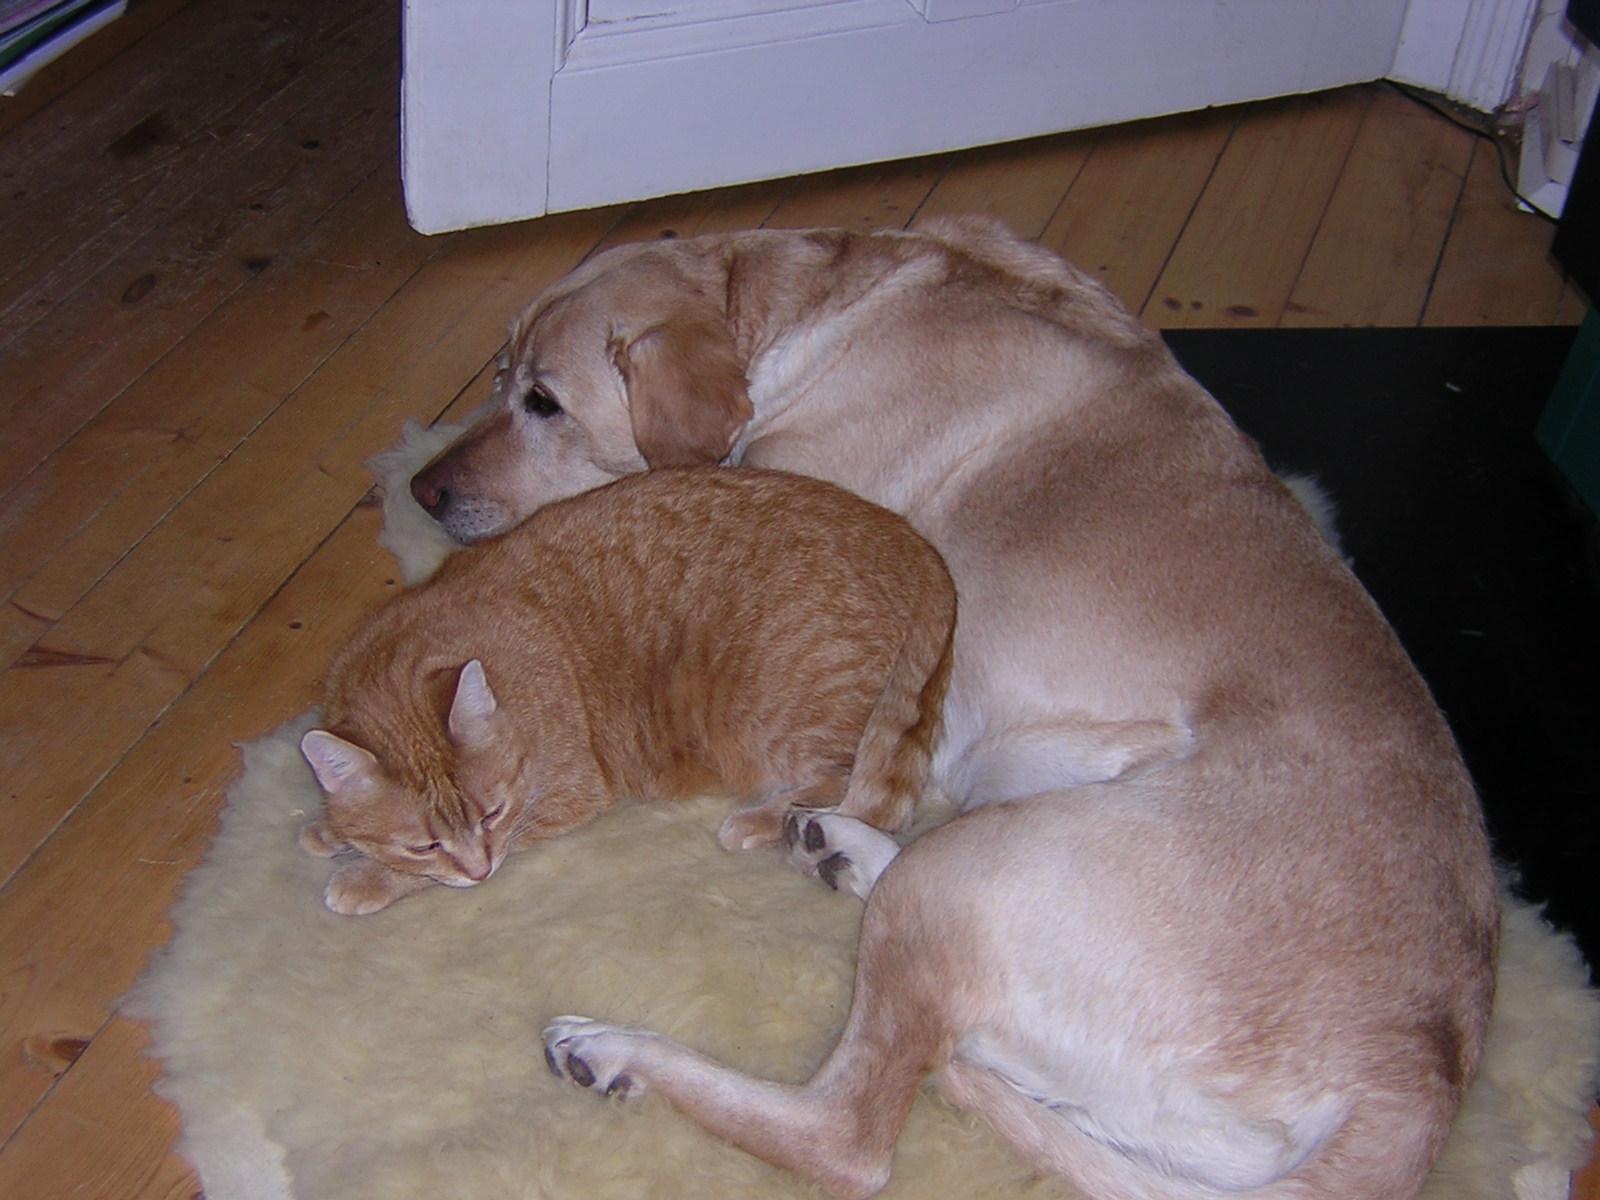 hundeerziehung, verhaltensberatung, hund und katze aneinander gewöhnen